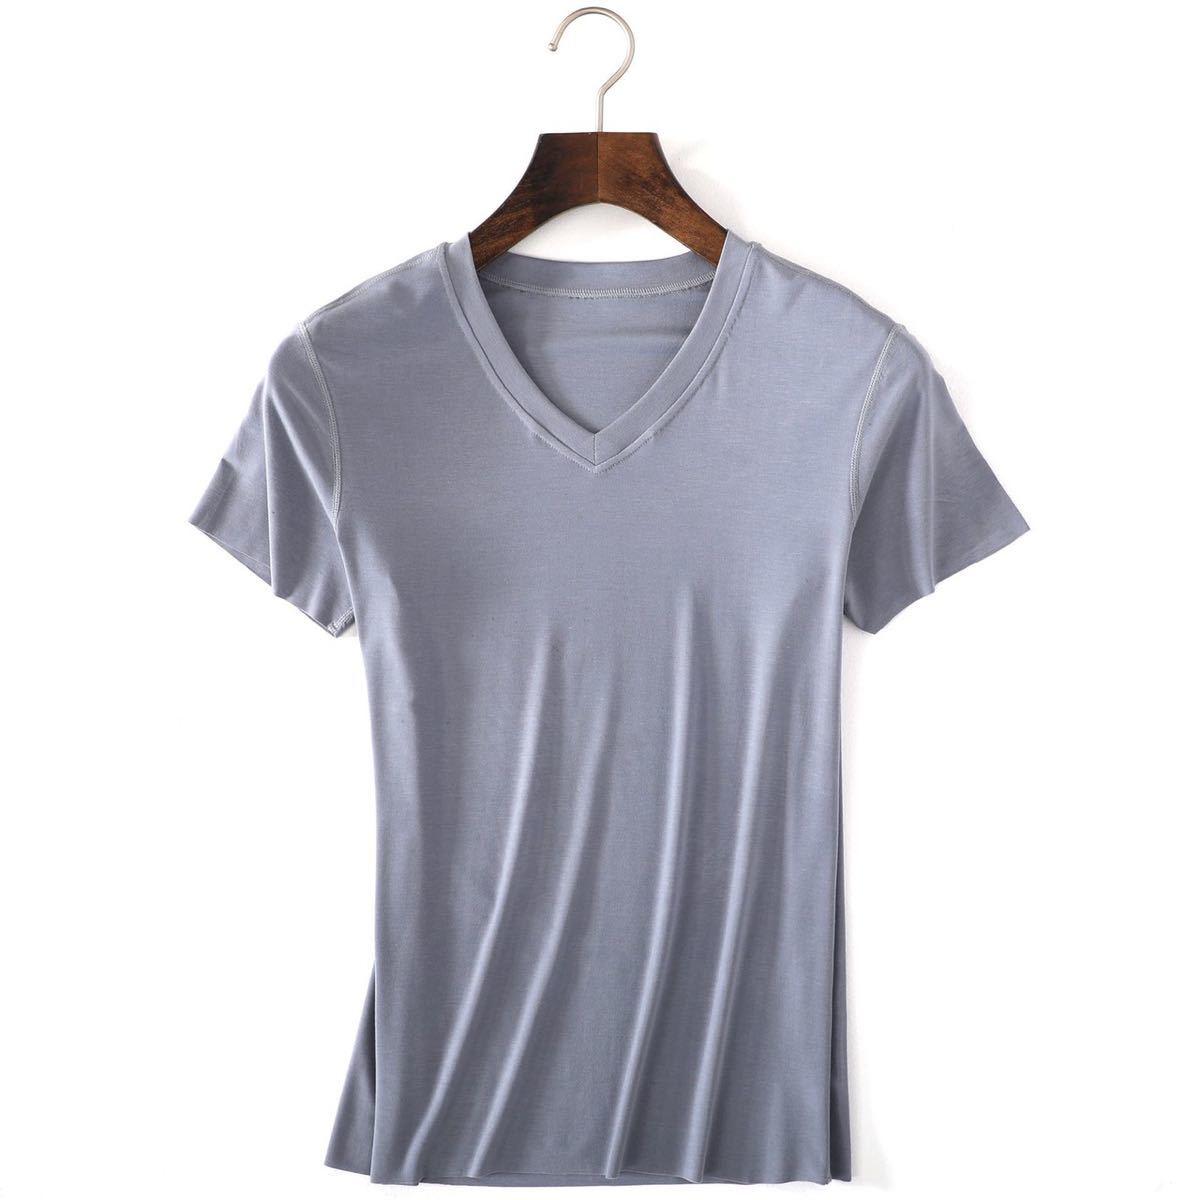 1-1トップス メンズ カットソー Tシャツ 半袖  シンプル 無地 コットン